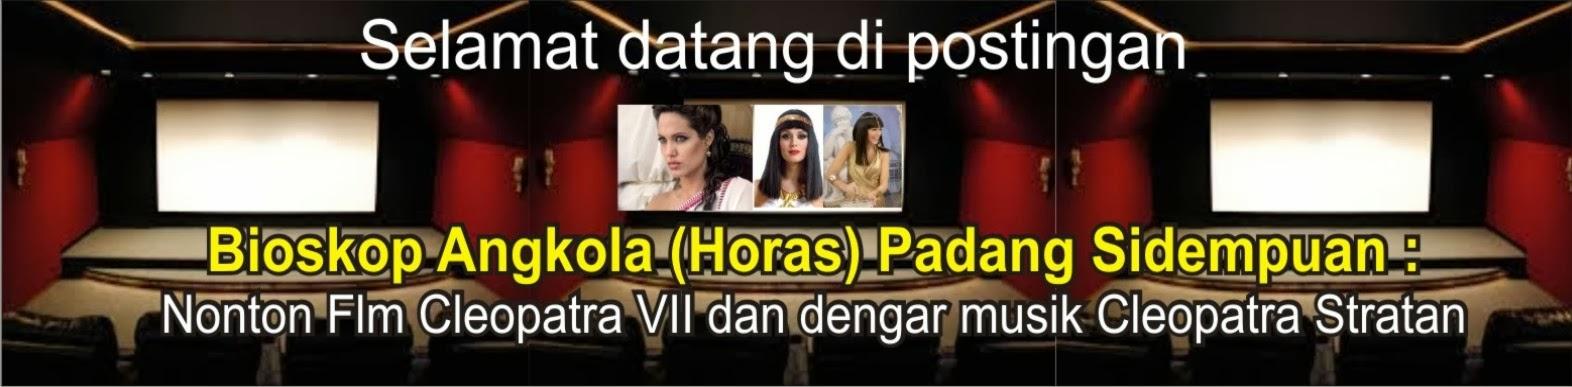 Bioskop Angkola (Horas) Padang Sidempuan : Nonton rapsamabareng Film Cleopatra VII dan dengar musik